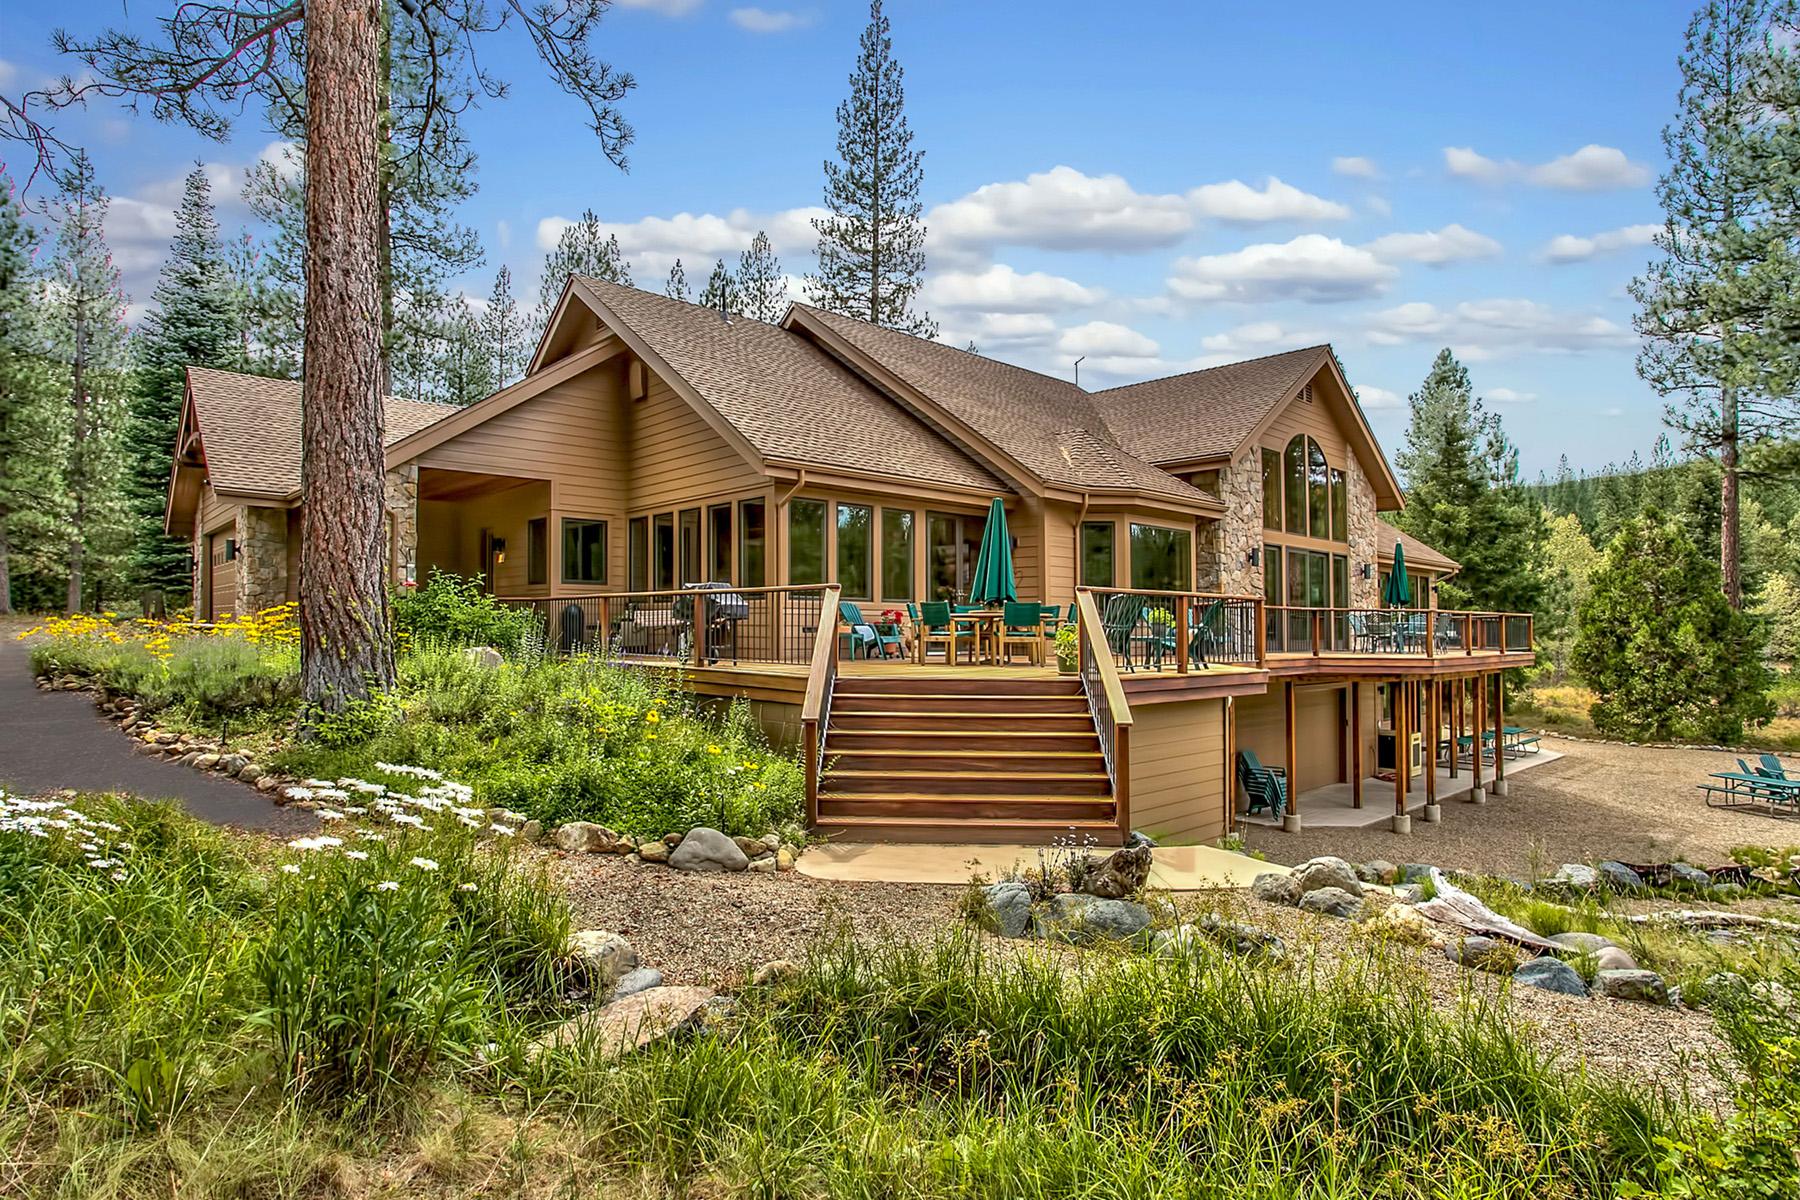 独户住宅 为 销售 在 1180 Smith Creek Road Graeagle, 加利福尼亚州 96103 美国